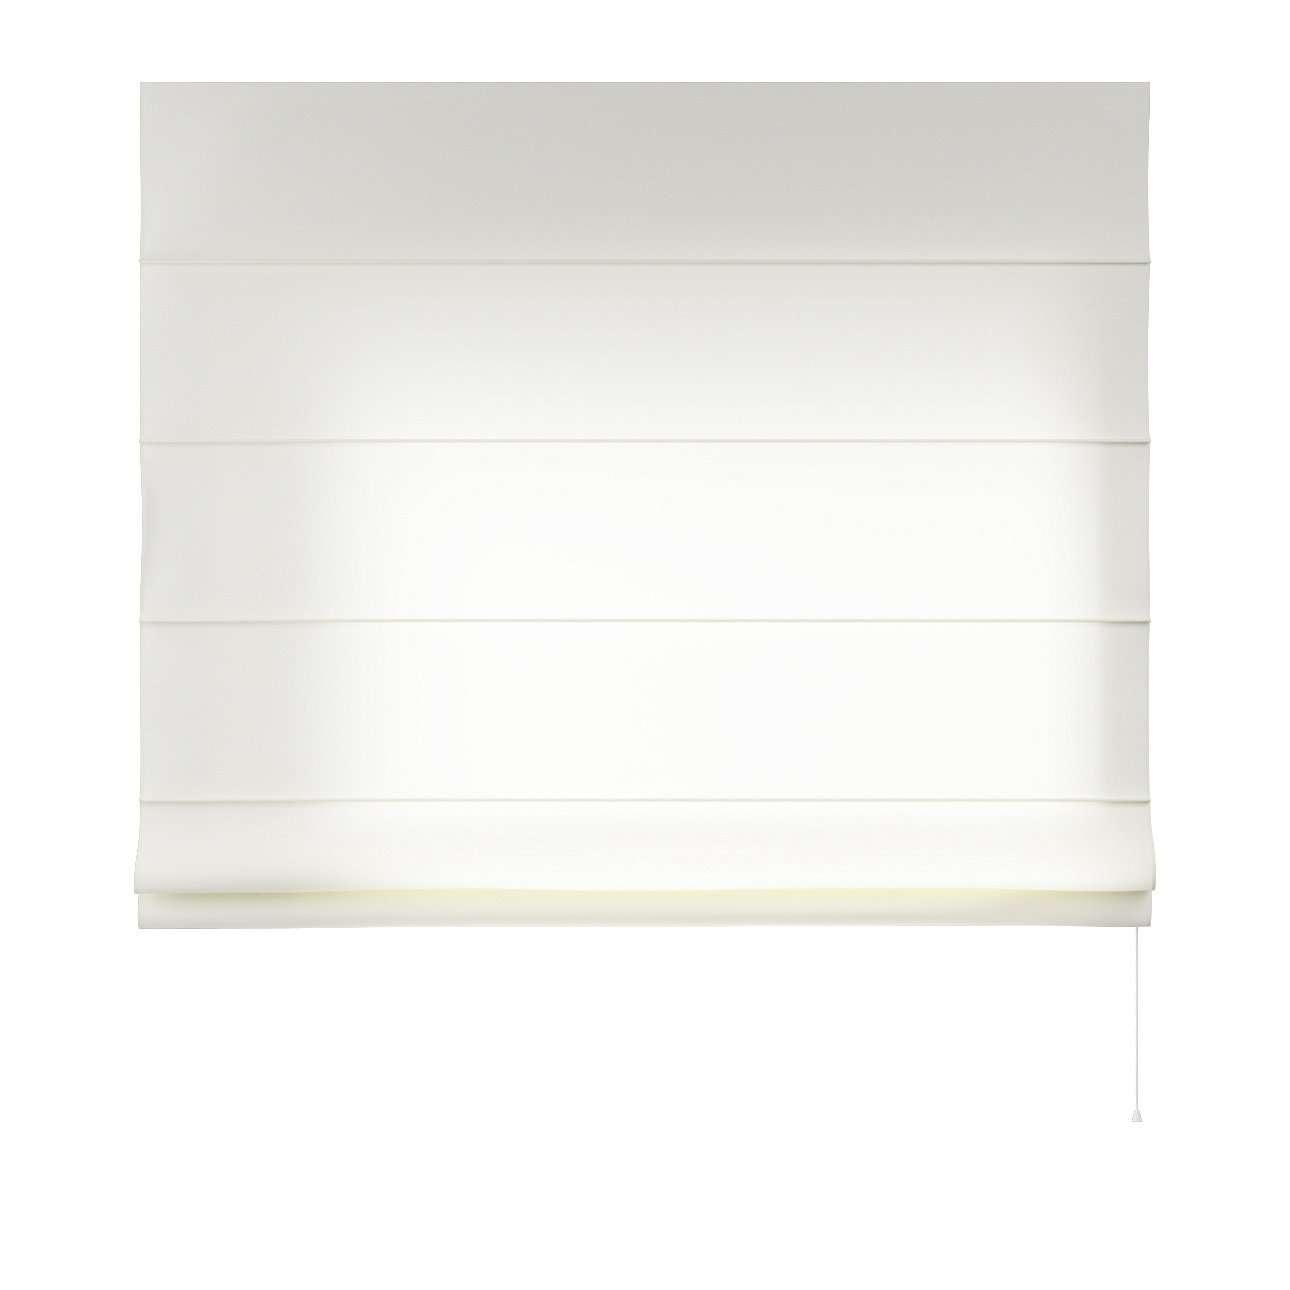 Romanetės Capri 80 x 170 cm (plotis x ilgis) kolekcijoje Jupiter, audinys: 127-00